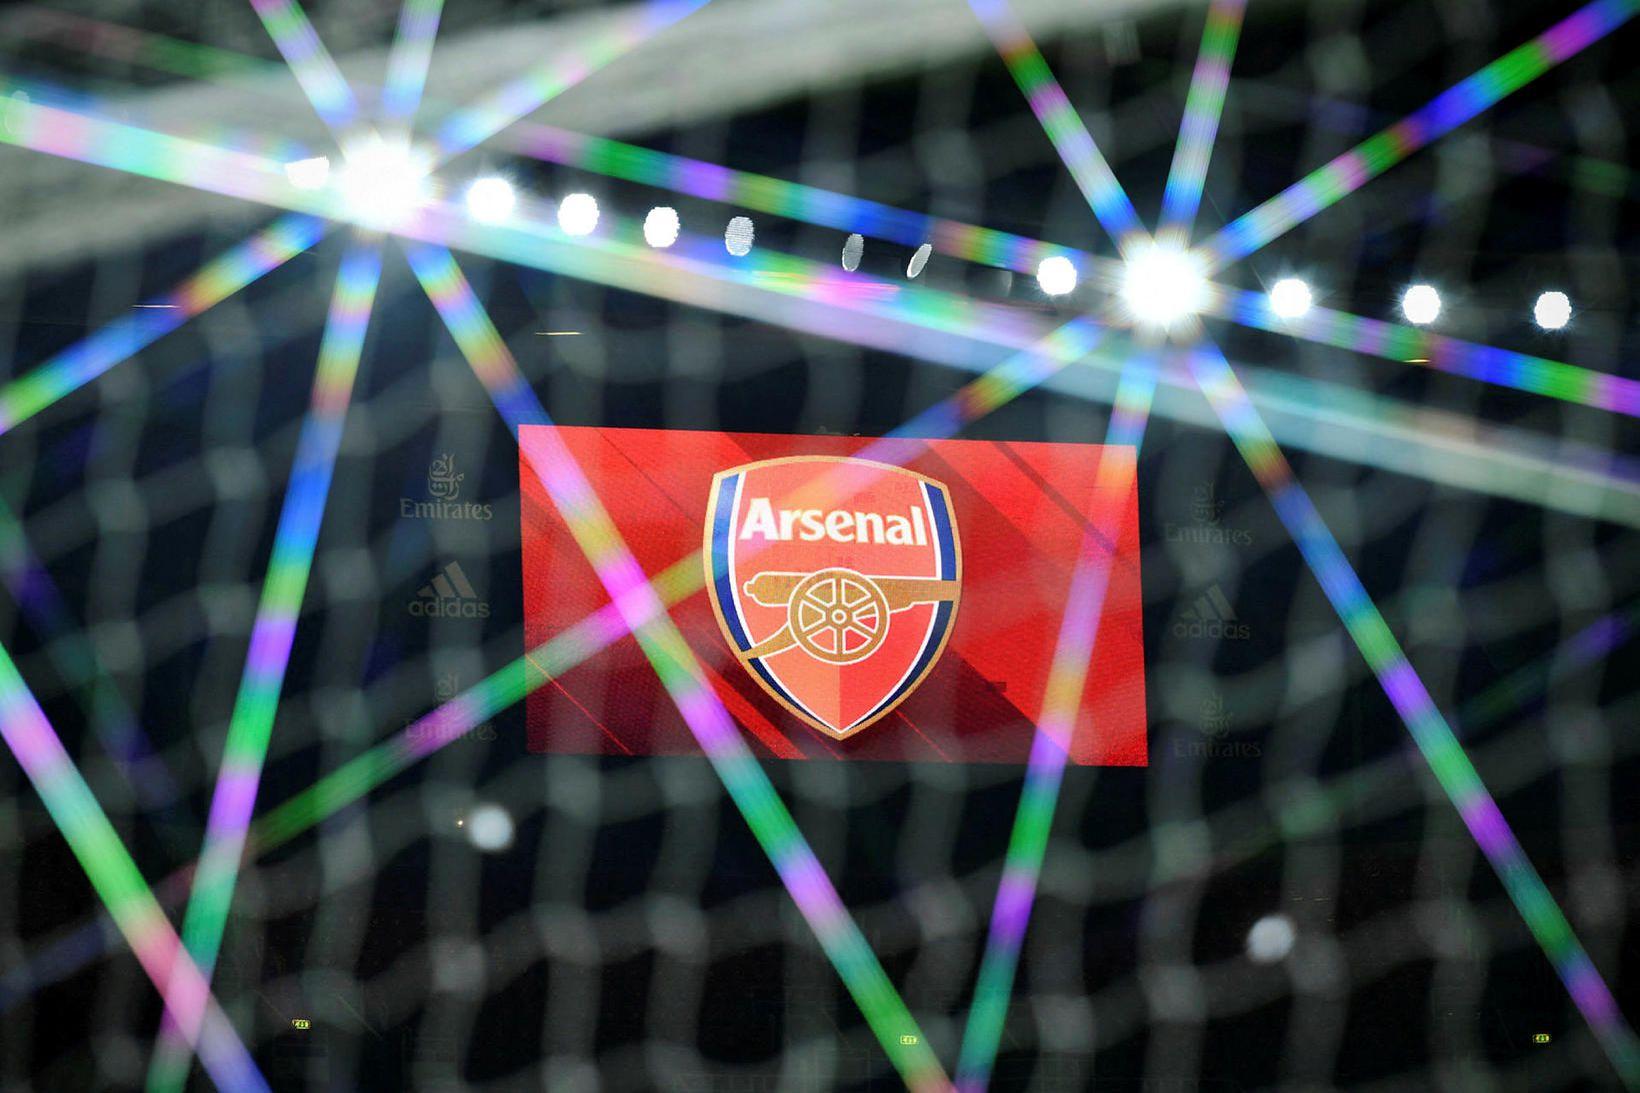 Arsenal er eitt af félögunum tólf sem hyggjast stofna hina …